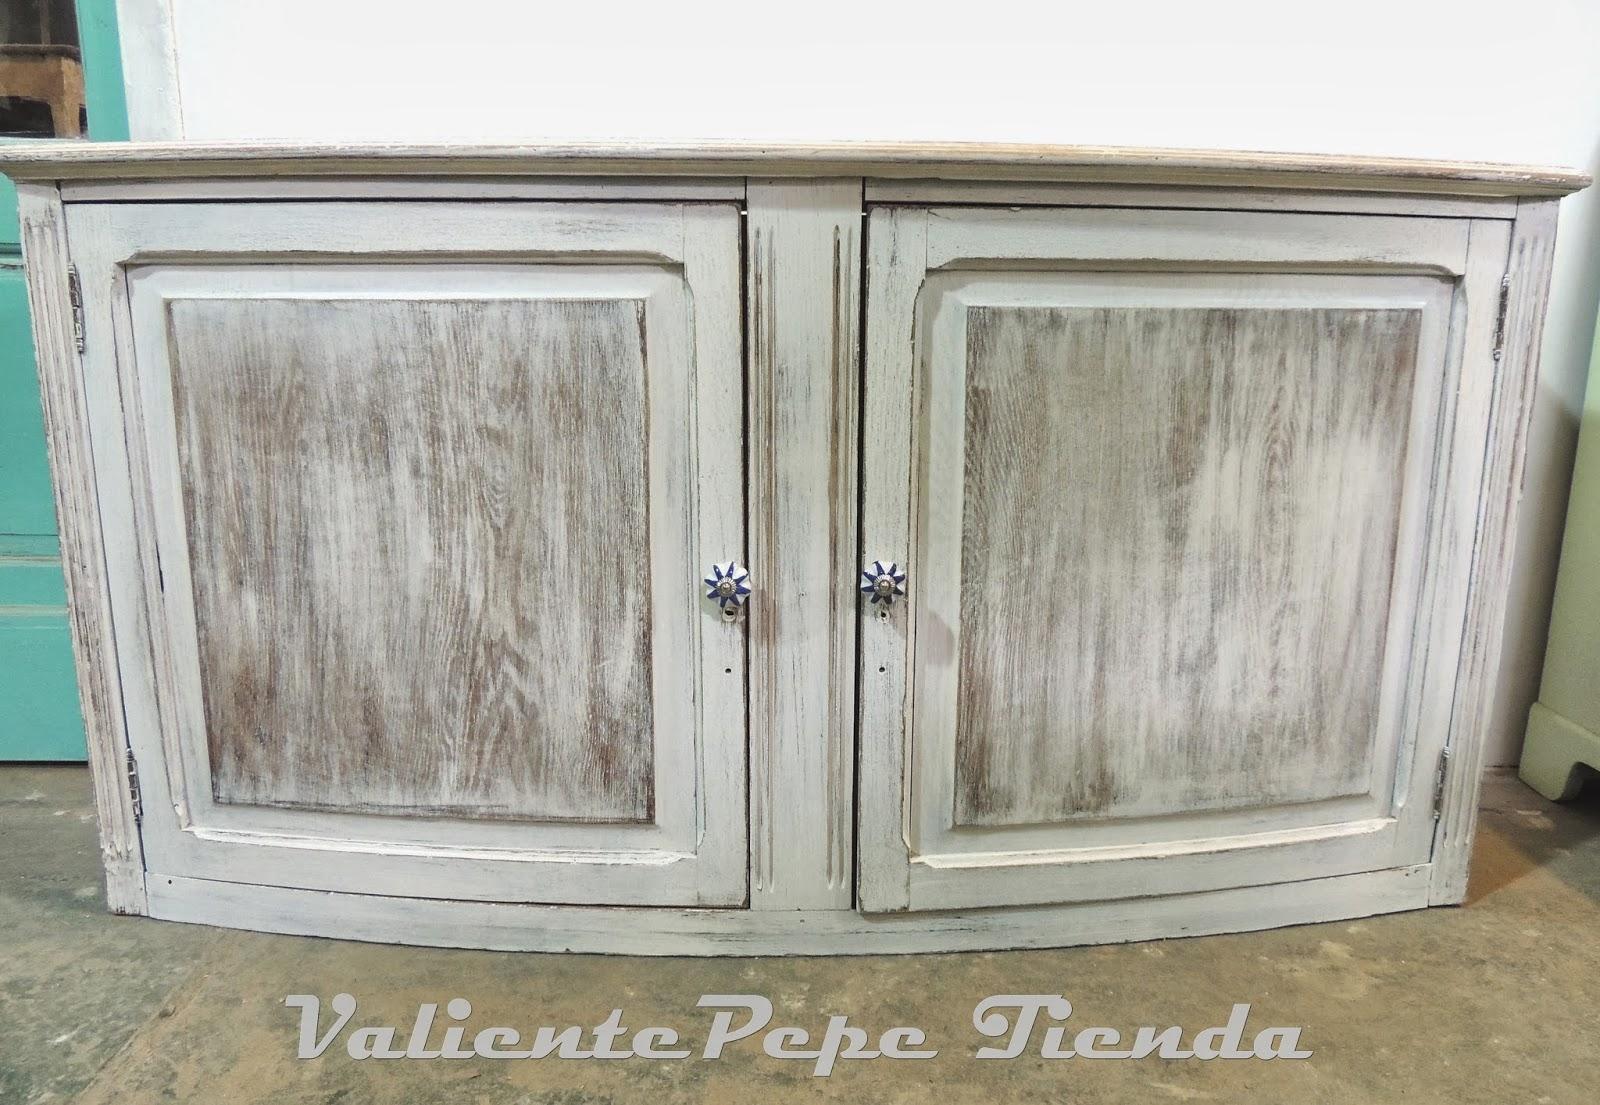 Puertas Decapadas Blanco Roto Pintar Las Puertas Del Armario With  # Muebles Patinados En Blanco